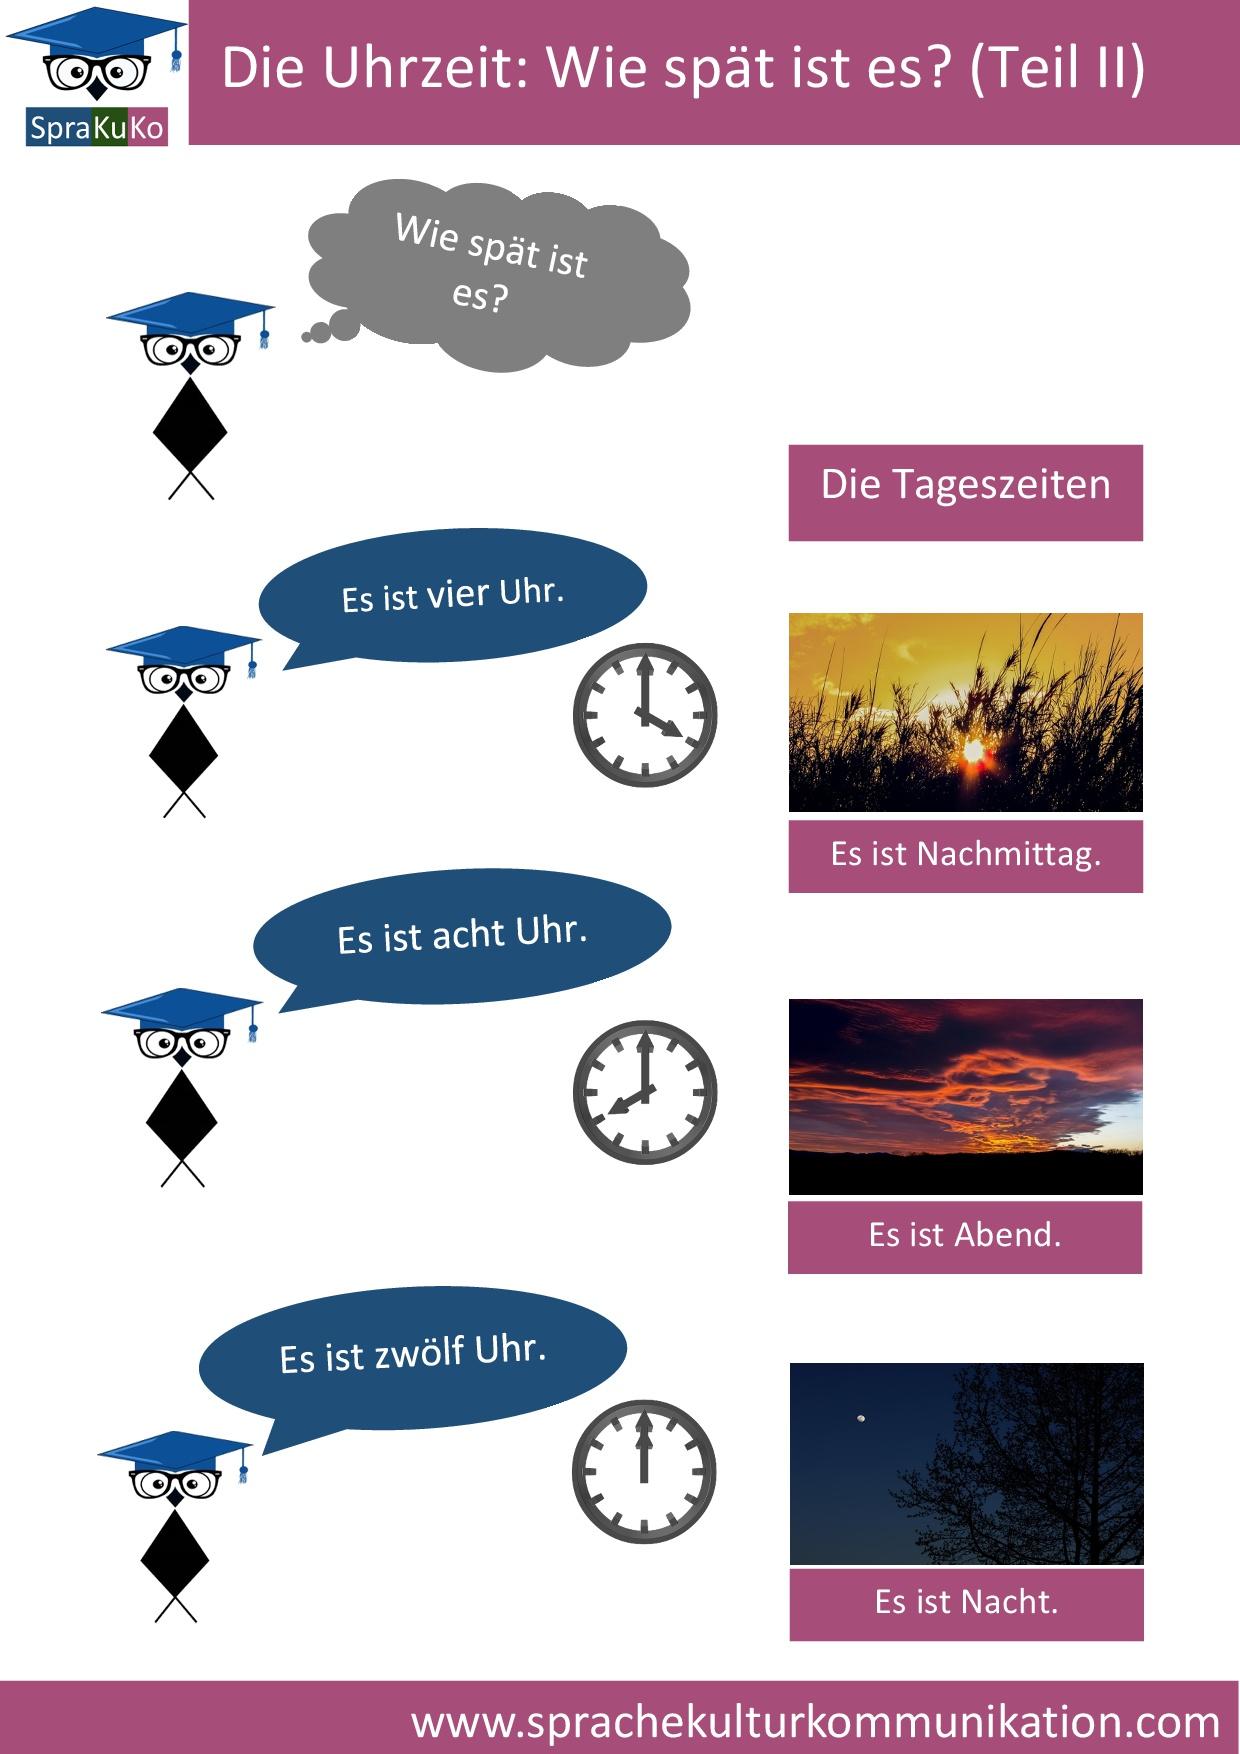 Die Uhrzeit, Teil II.jpg